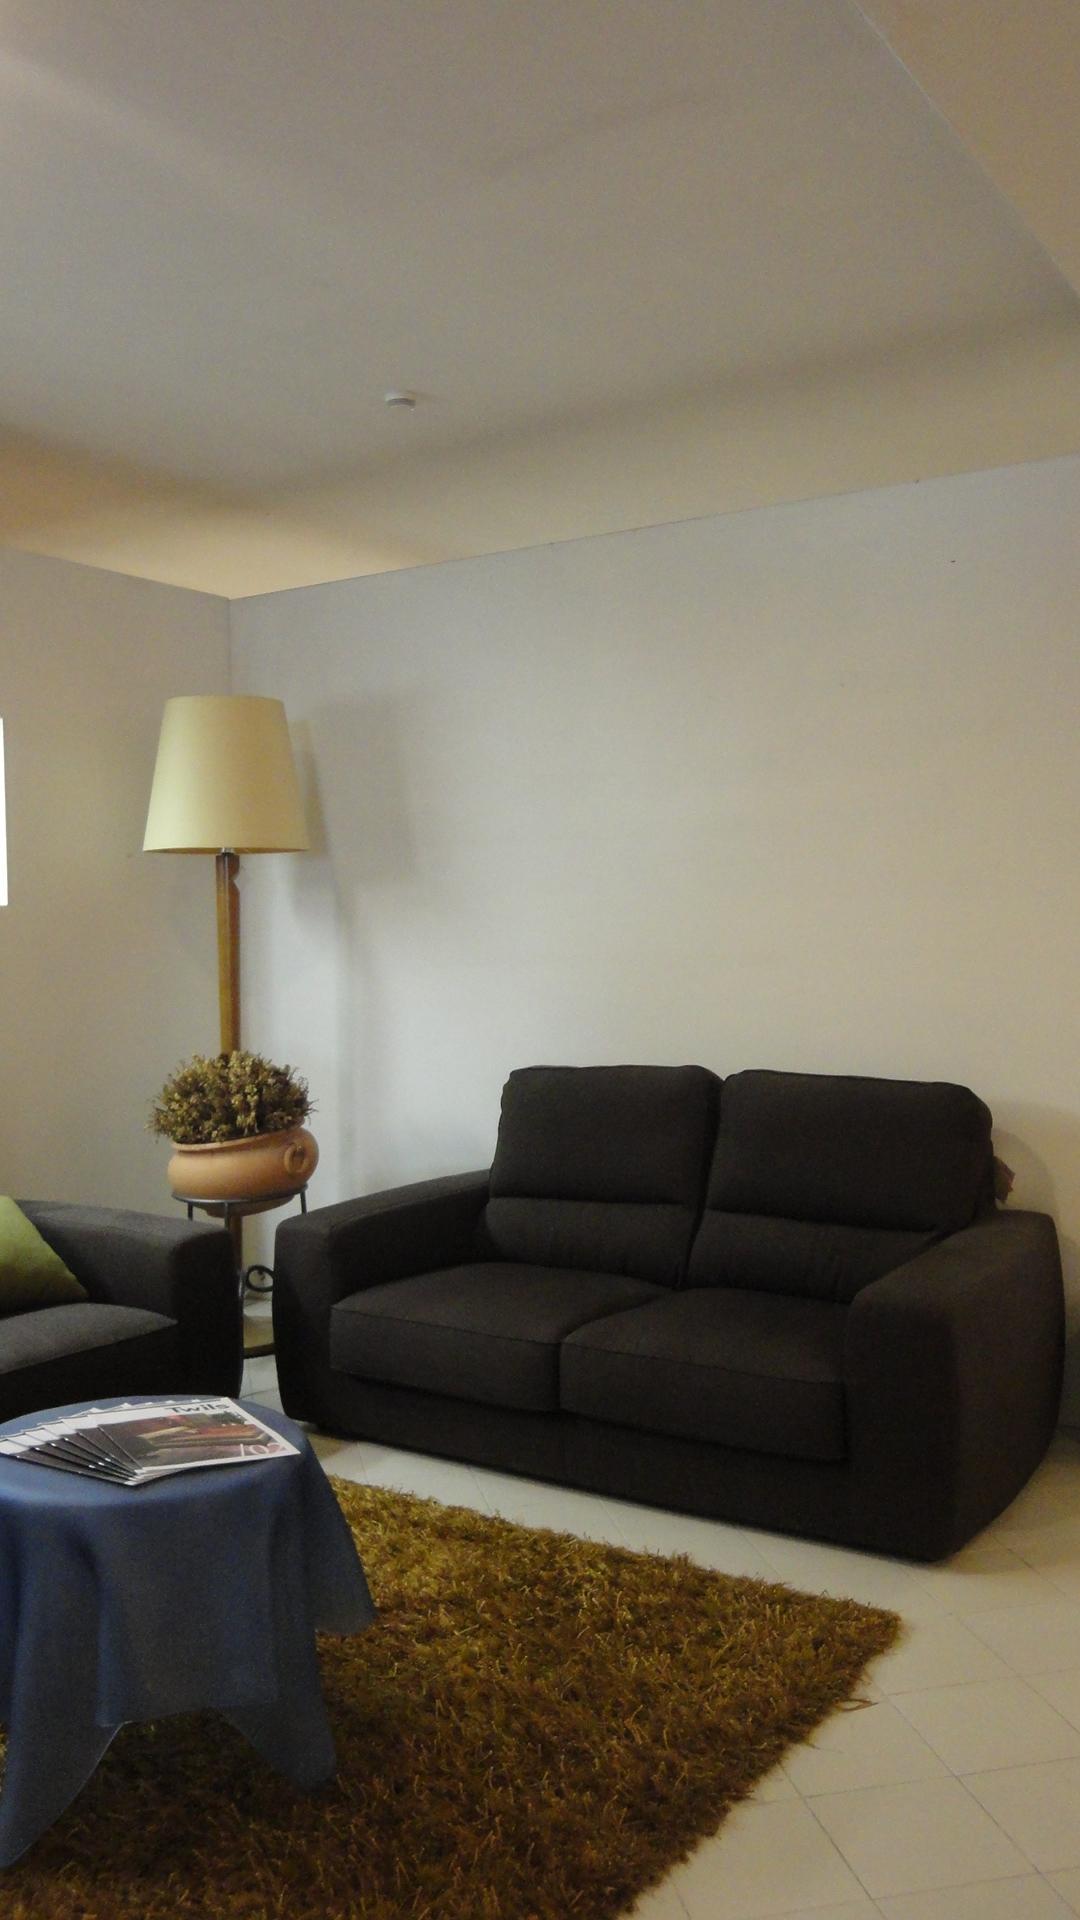 Divano lecomfort tommy divani lineari tessuto divano 4 for Le comfort divani